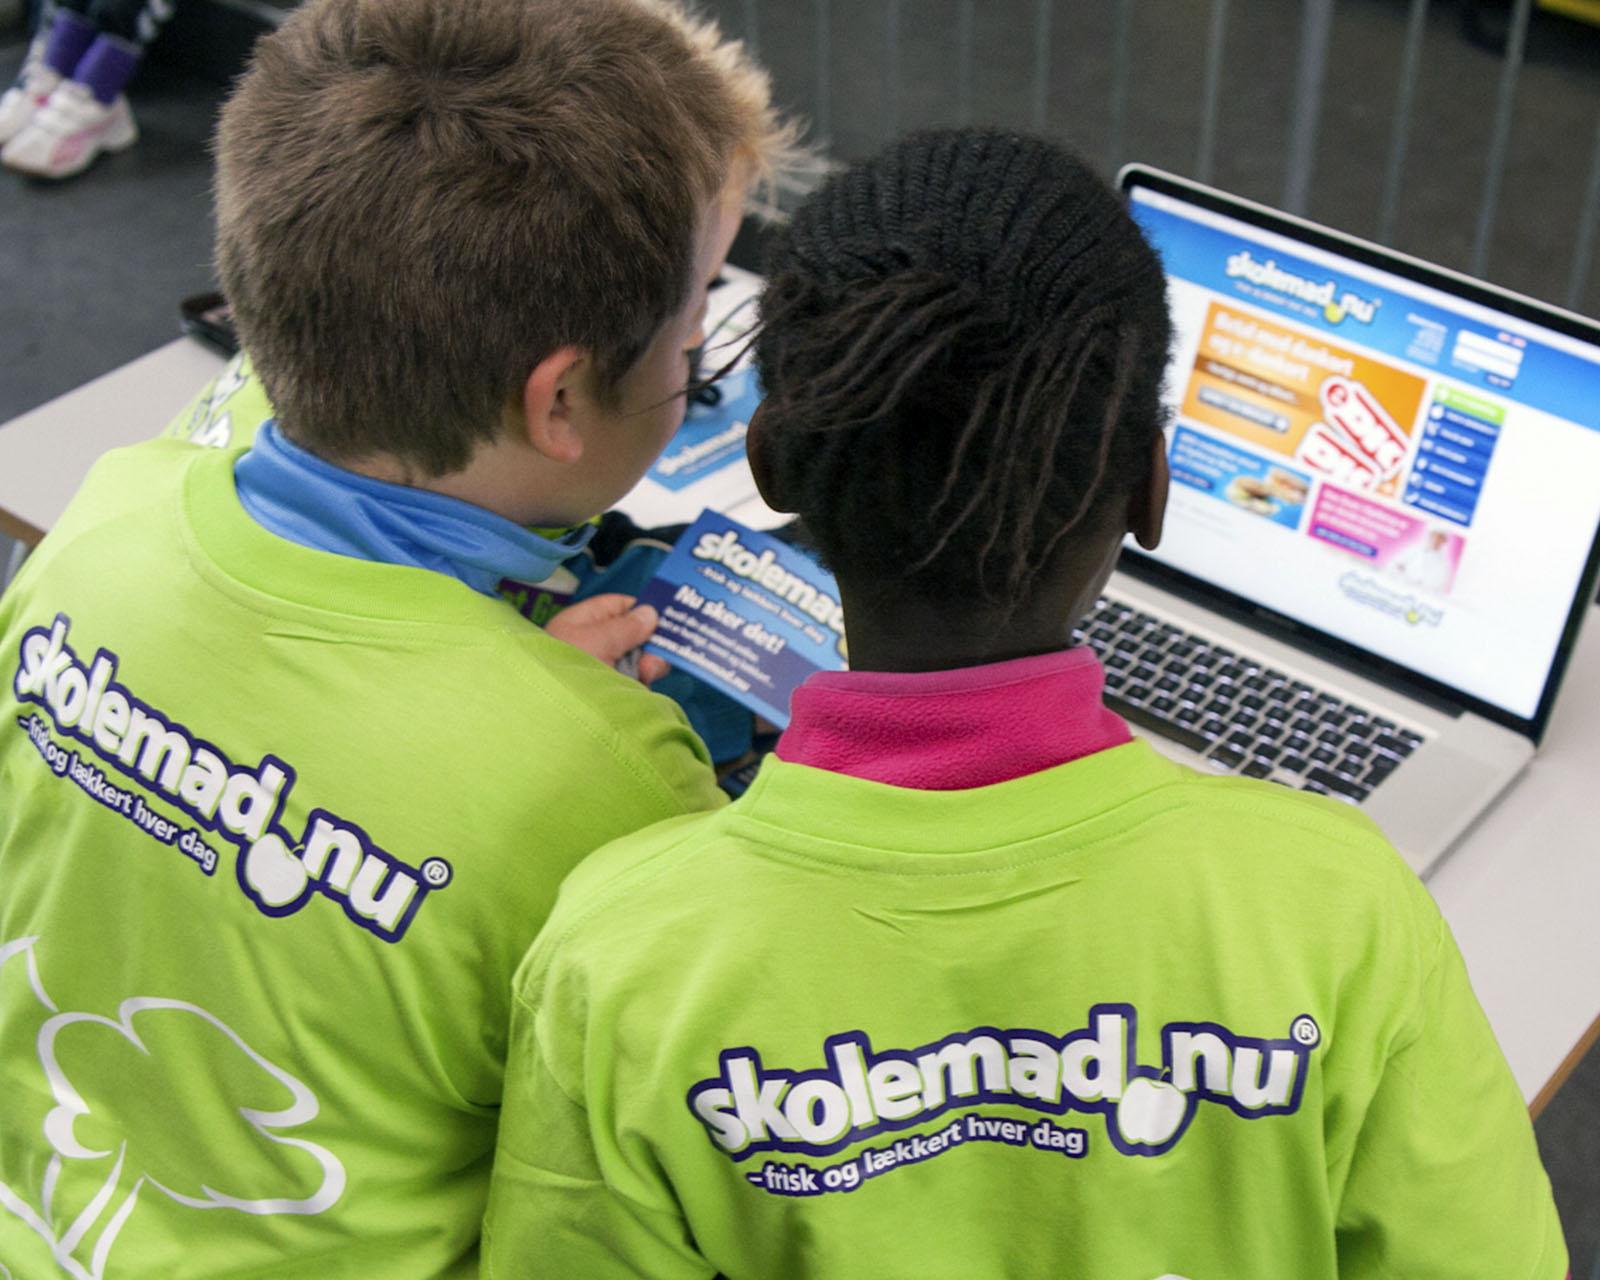 Skolemad.nu, børn og computer